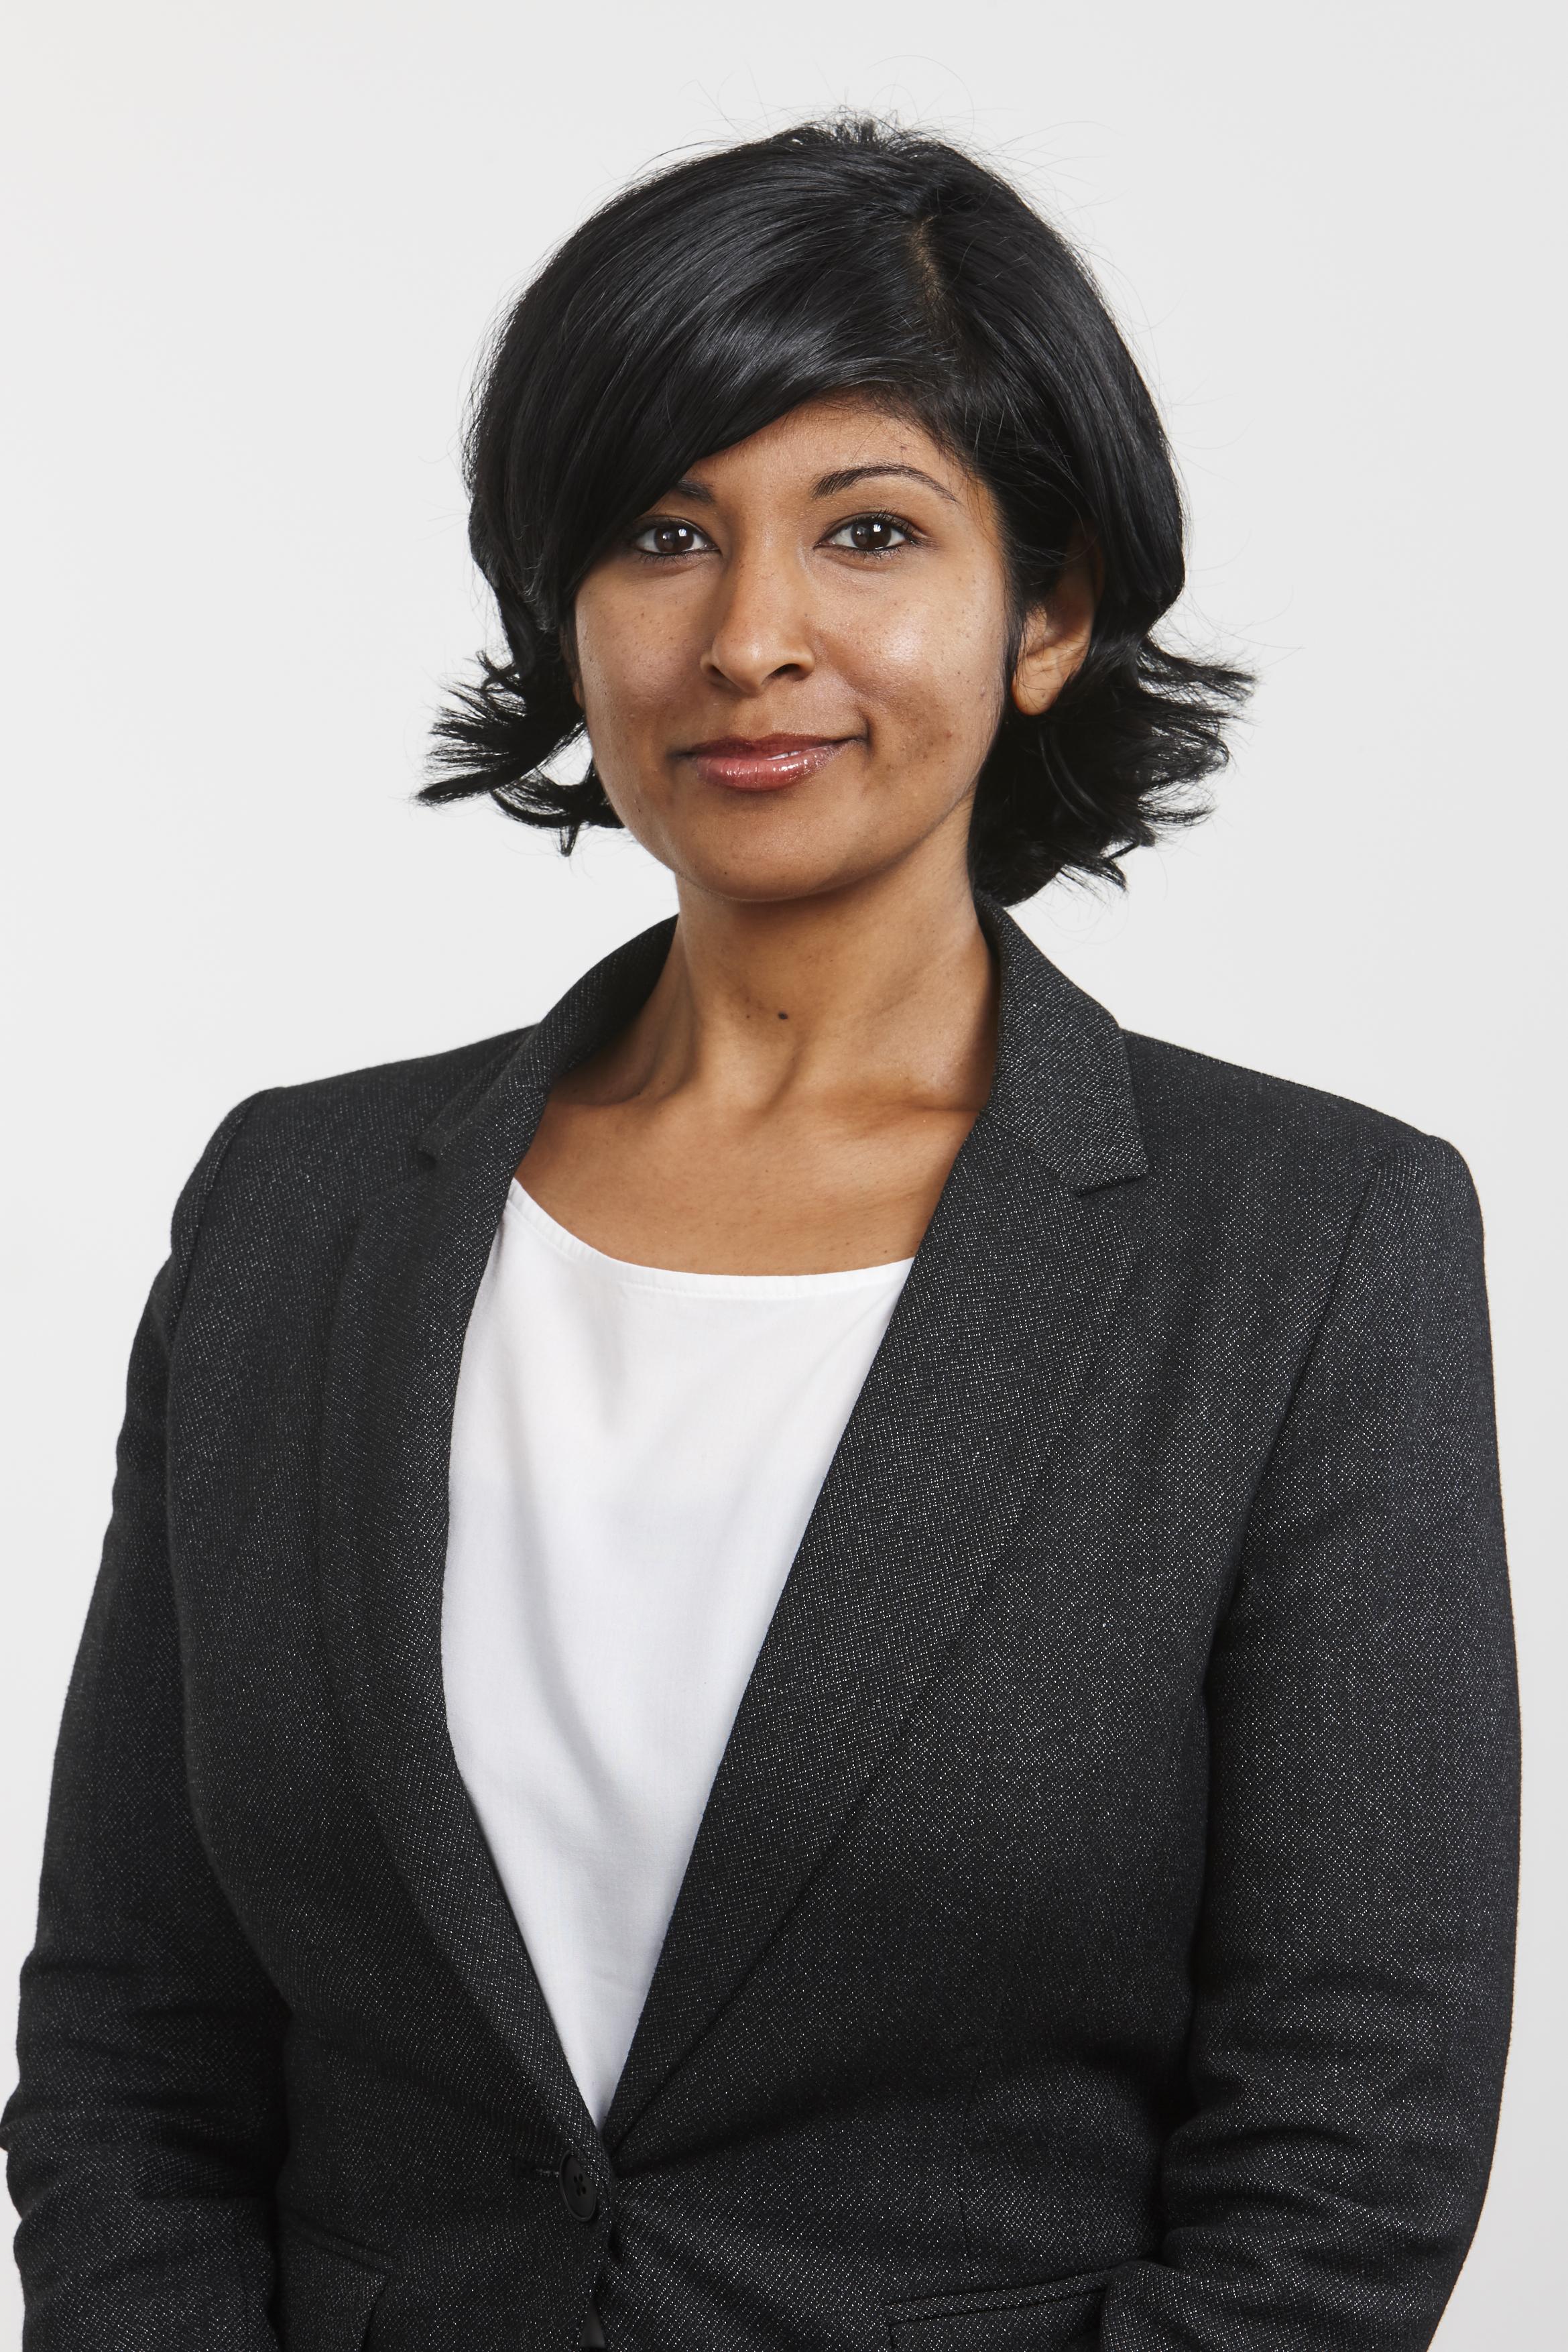 Roshena Campbell, BA, LLB (Hons), LLM